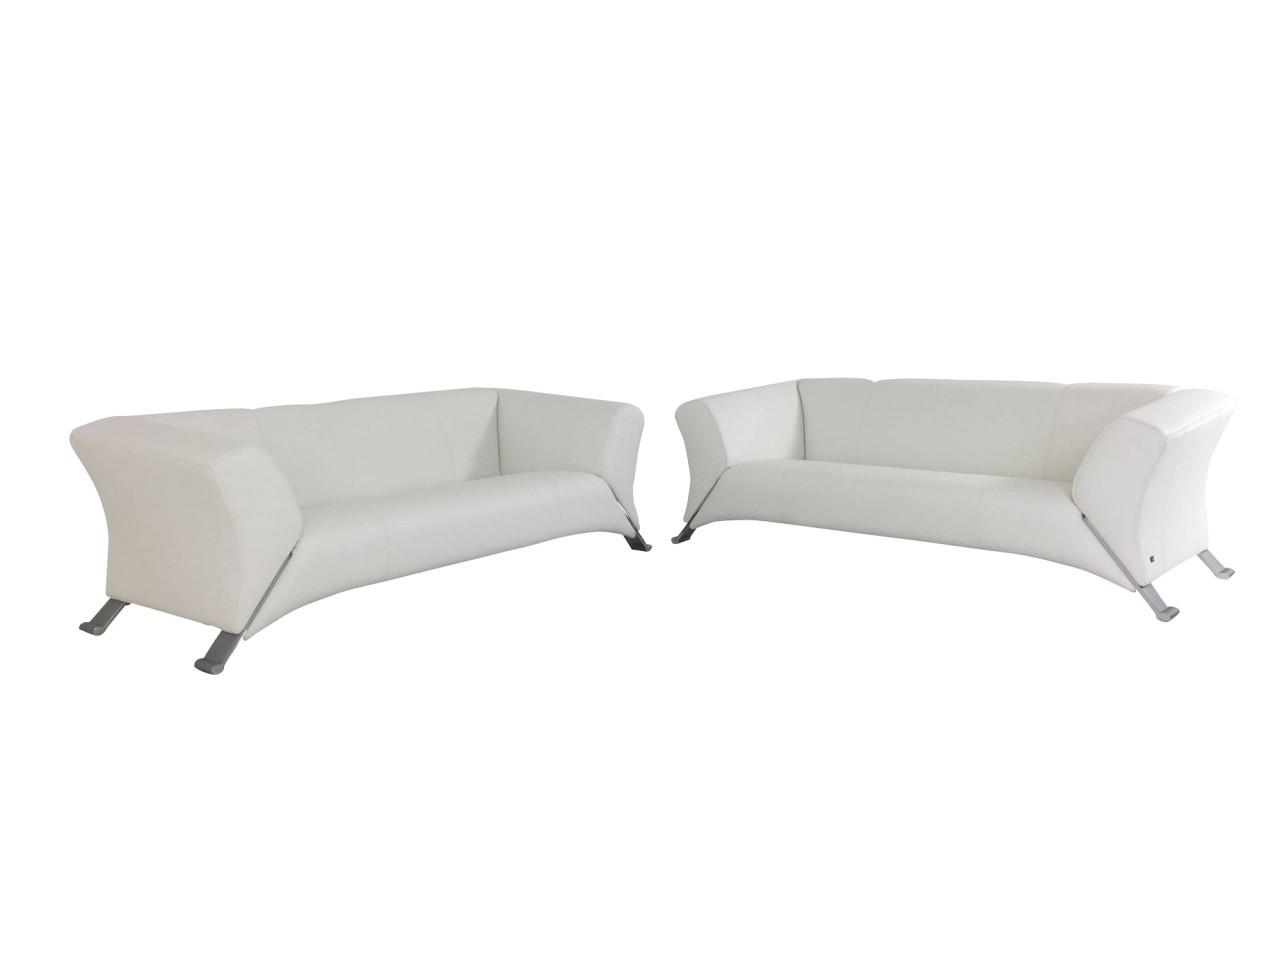 ROLF BENZ 322 Sofa Garnitur Design Klassiker im Set in Nappa Leder weiß